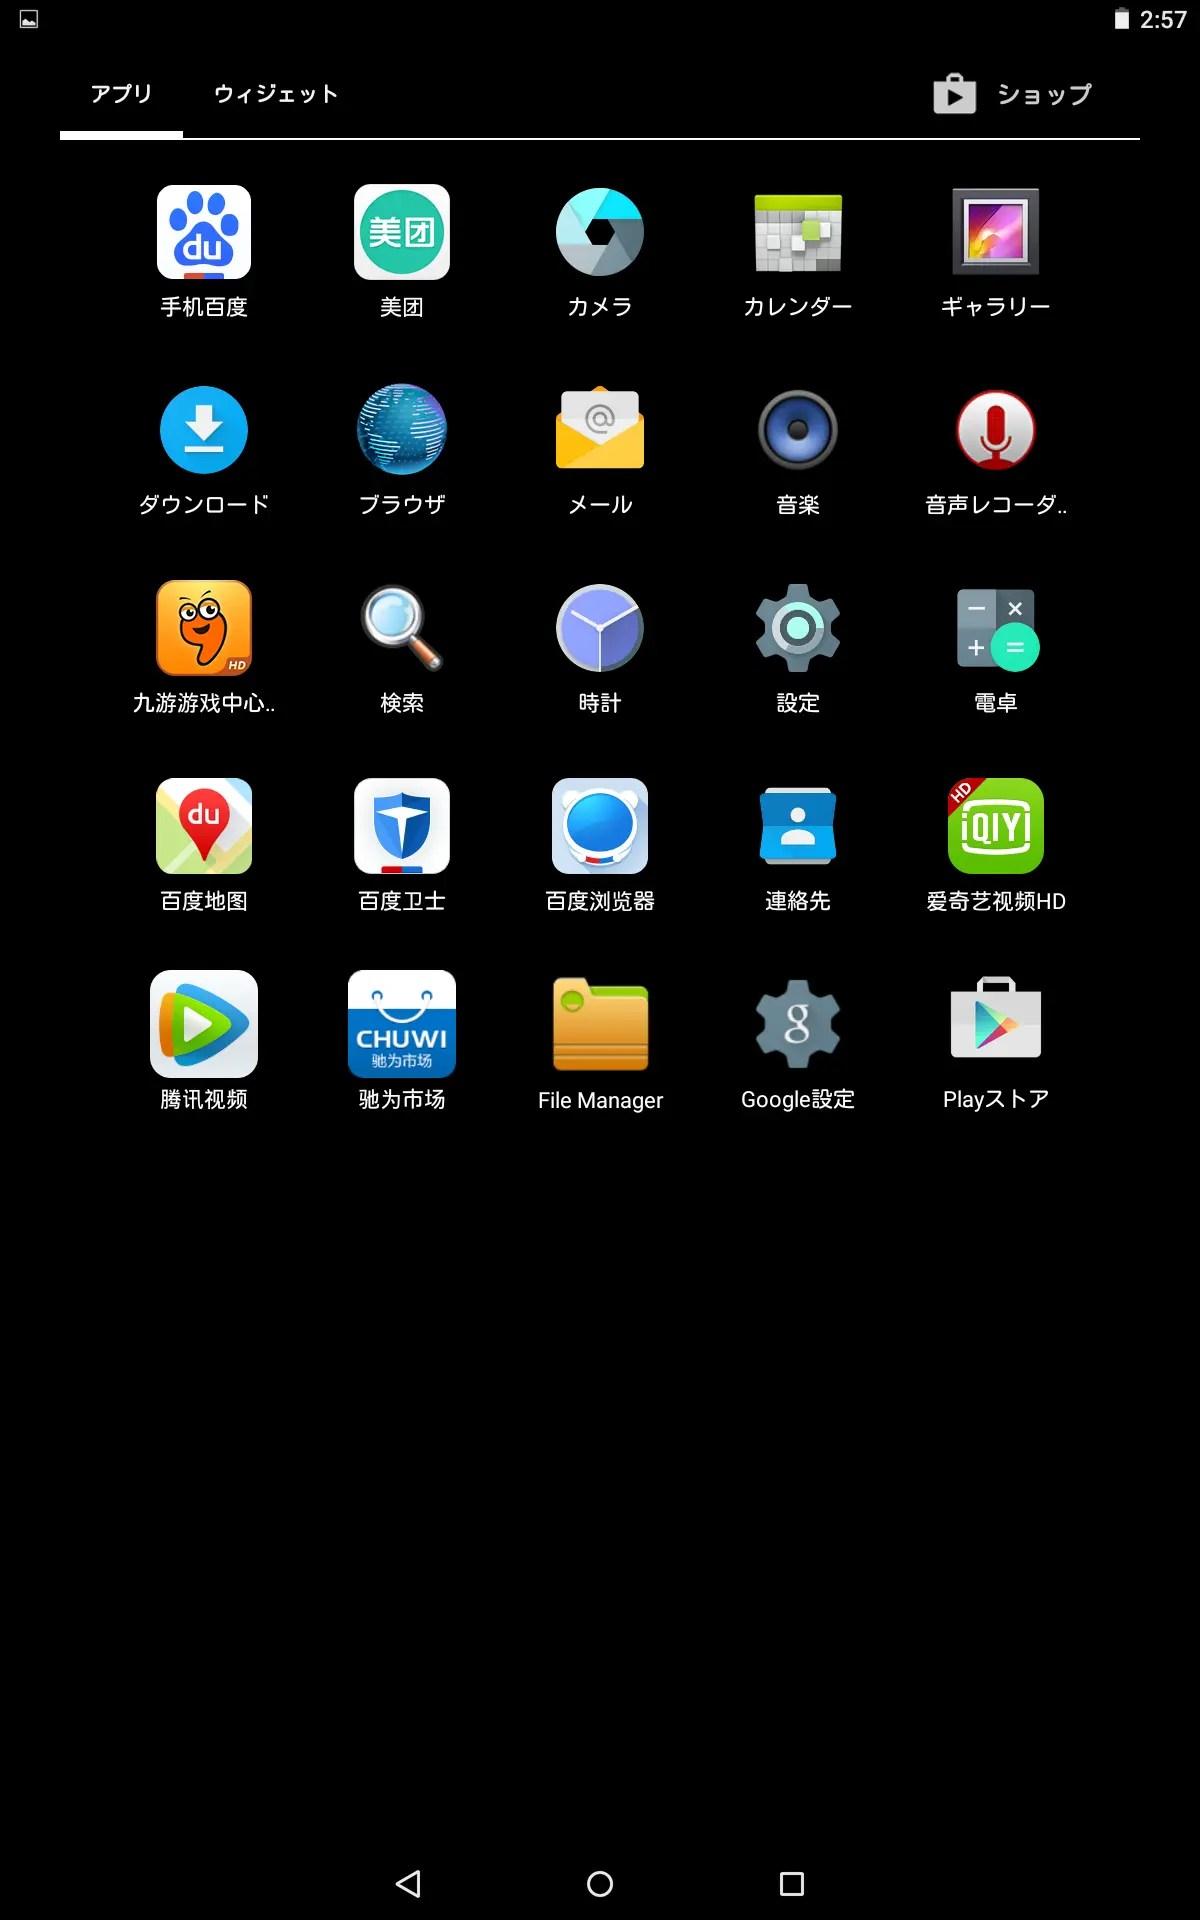 中華アプリは日本語不可、それ以外は日本語になる。